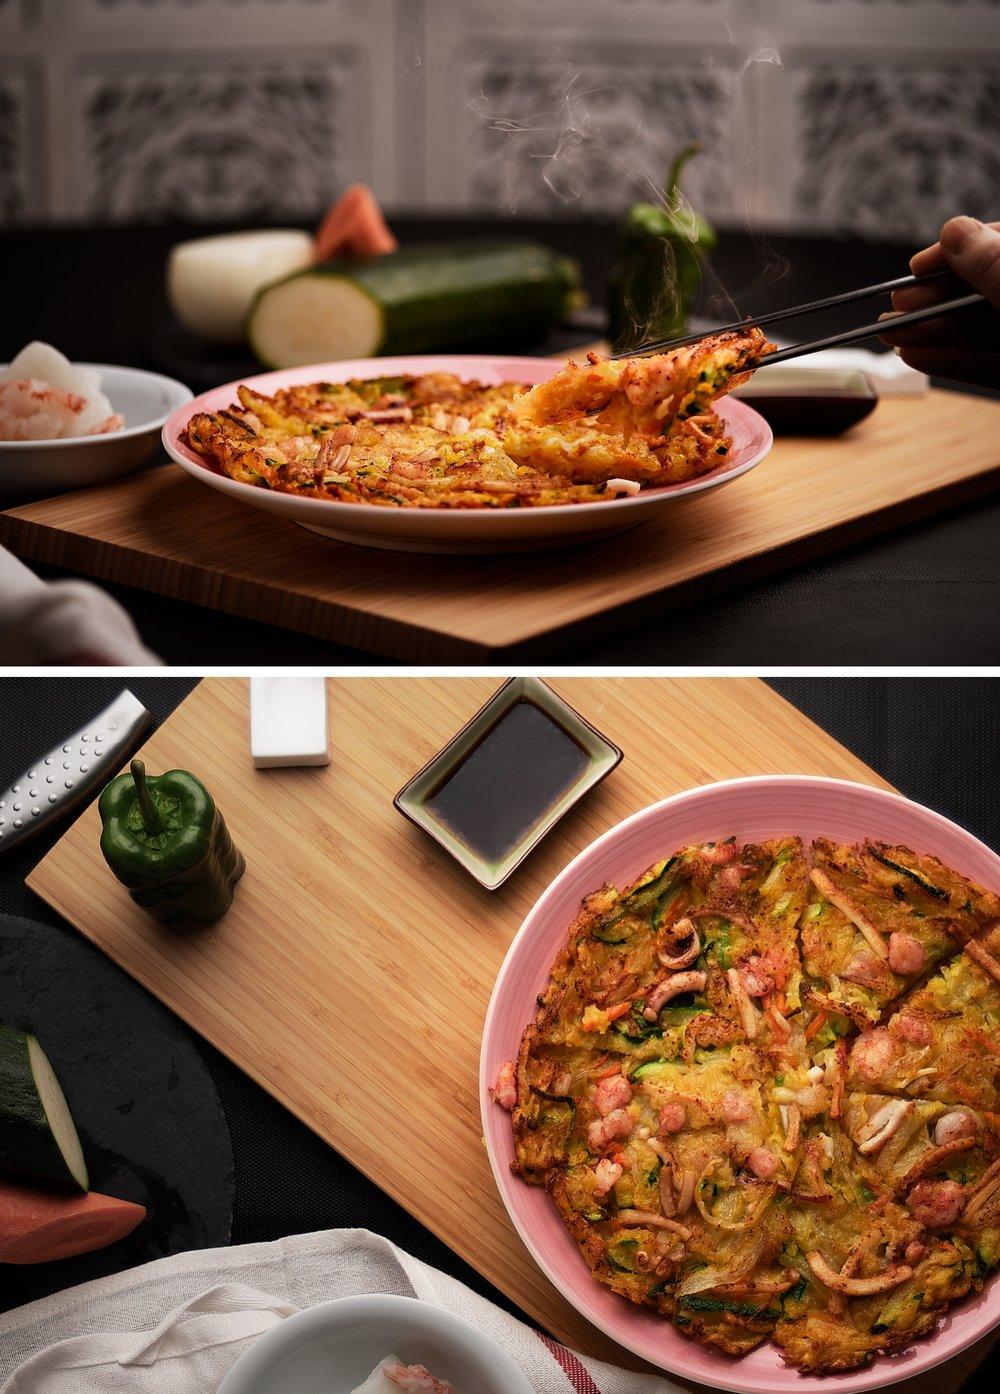 Jemulyon - Tortilla de mariscos y verduras.Una de los variados tipos de tortillas tradicionales coreanas.Tortilla recien hecha crujiente por fuera y suave por dentro con un relleno completo de calamares, gambas y verduras variadas. Servida con salsa de soja.Una tortilla como nunca habrás probado.